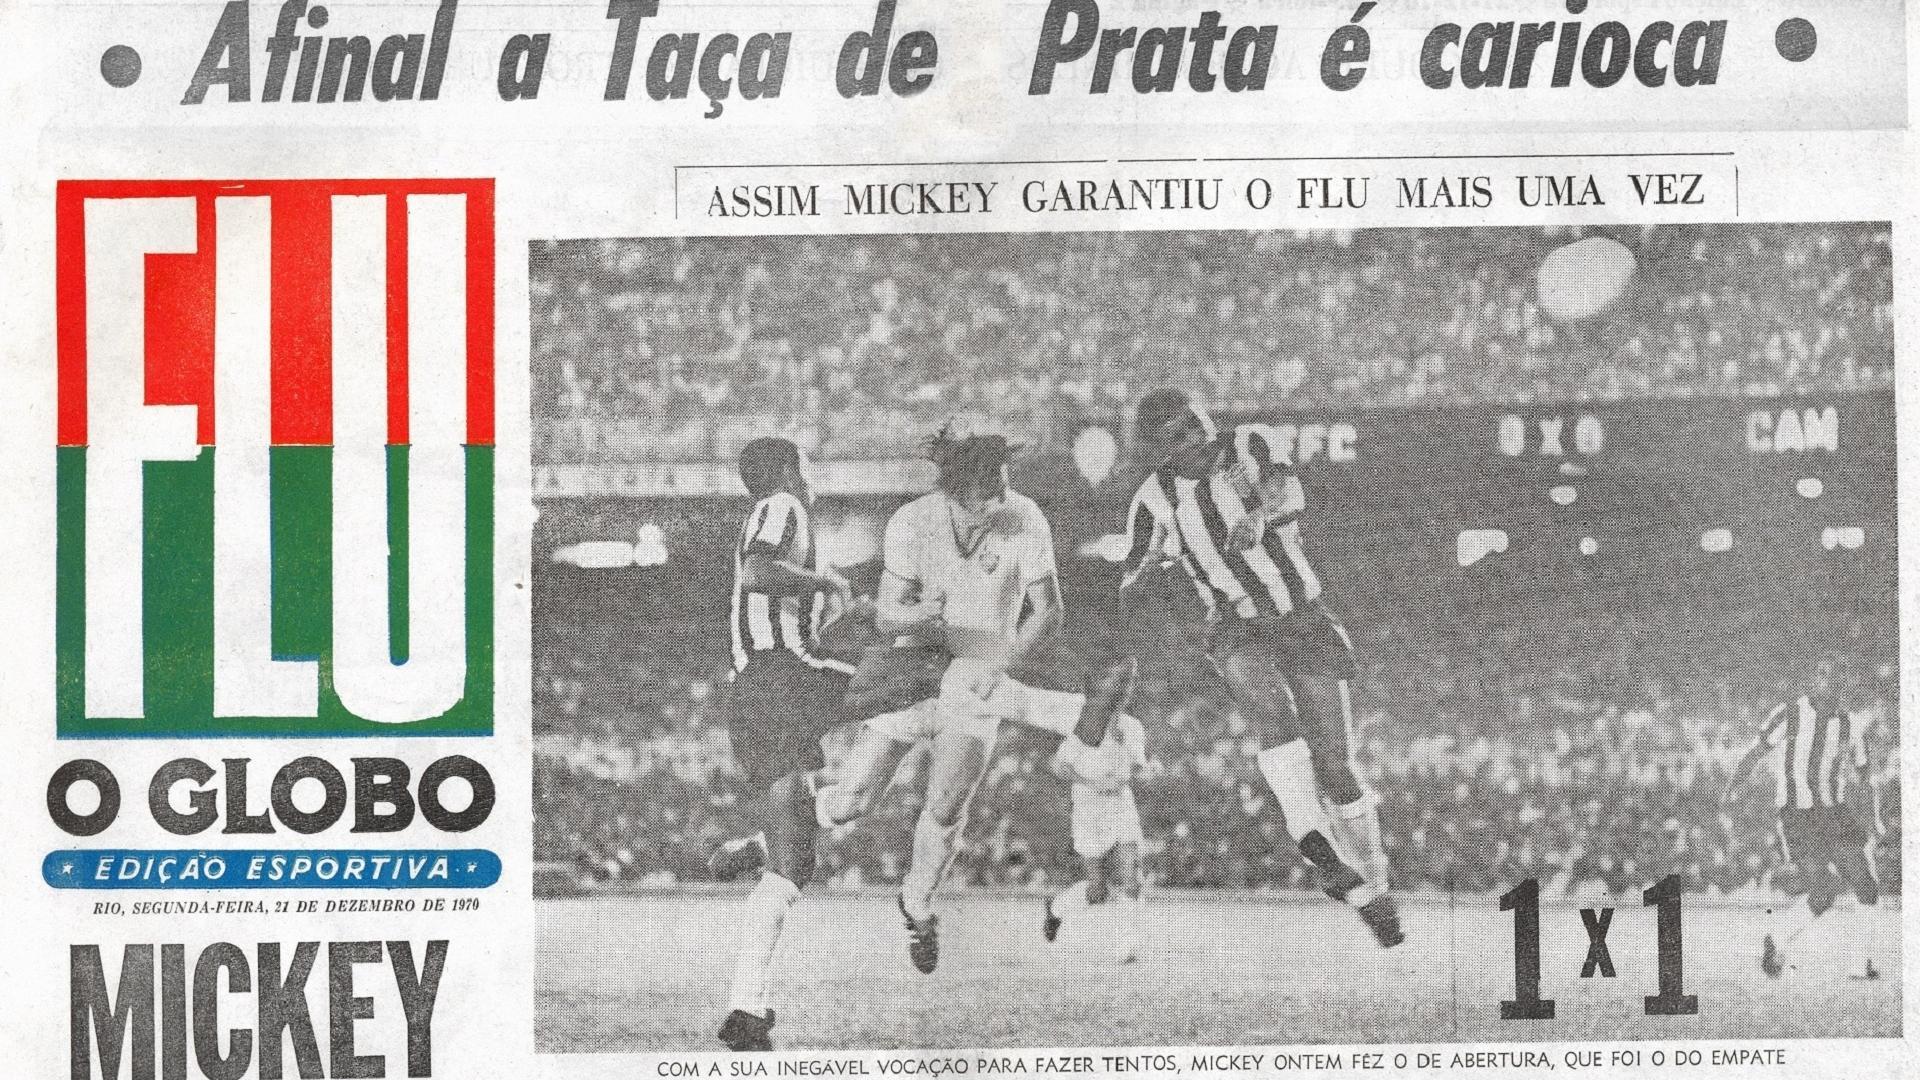 Globo exalta Mickey na final do Robertão de 1970 na conquista pelo Fluminense